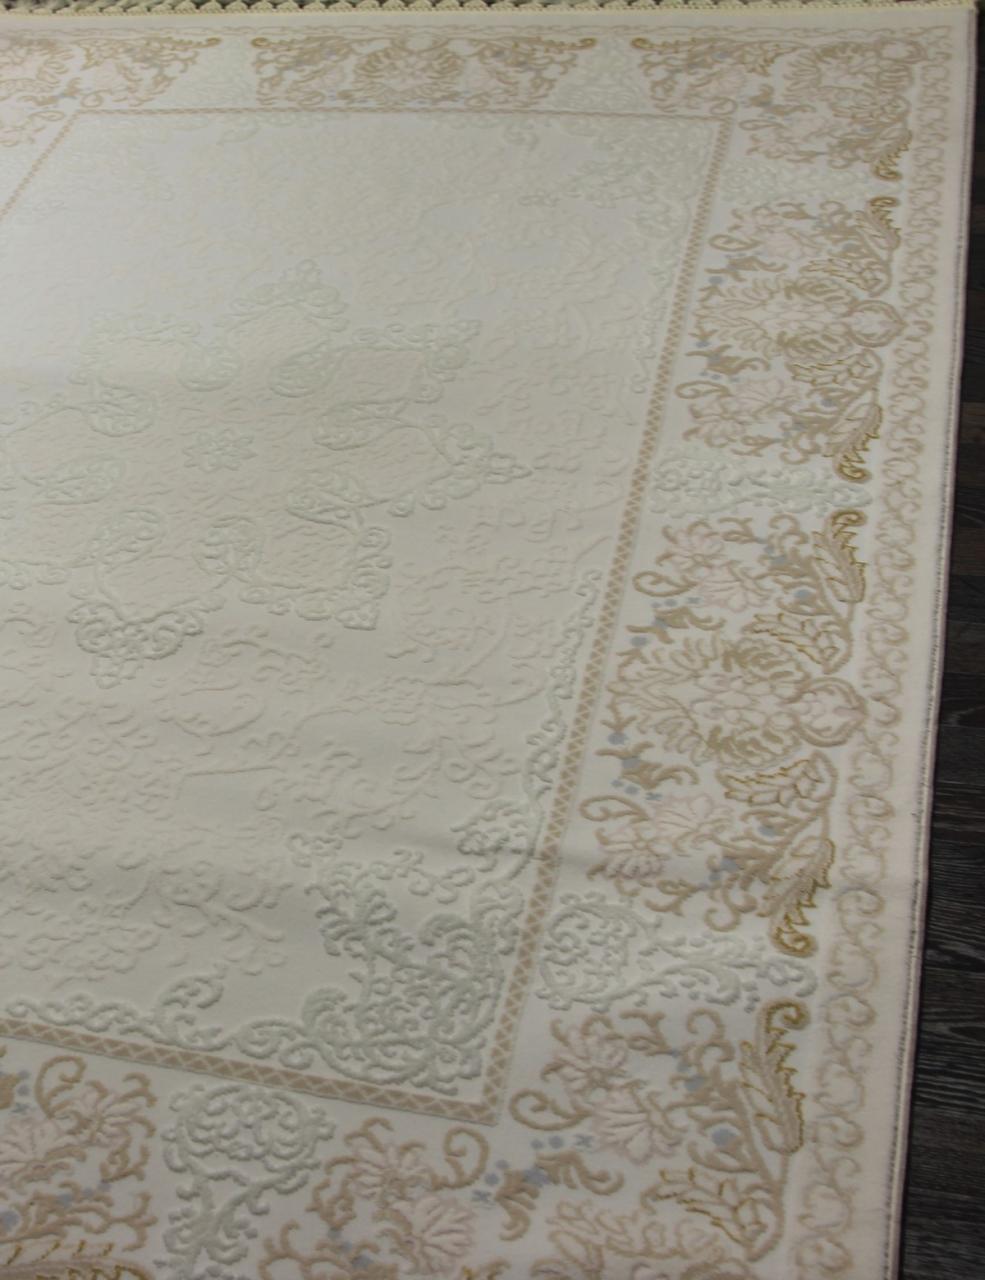 Ковер RM004 - 060 - Прямоугольник - коллекция RAMSES - фото 3